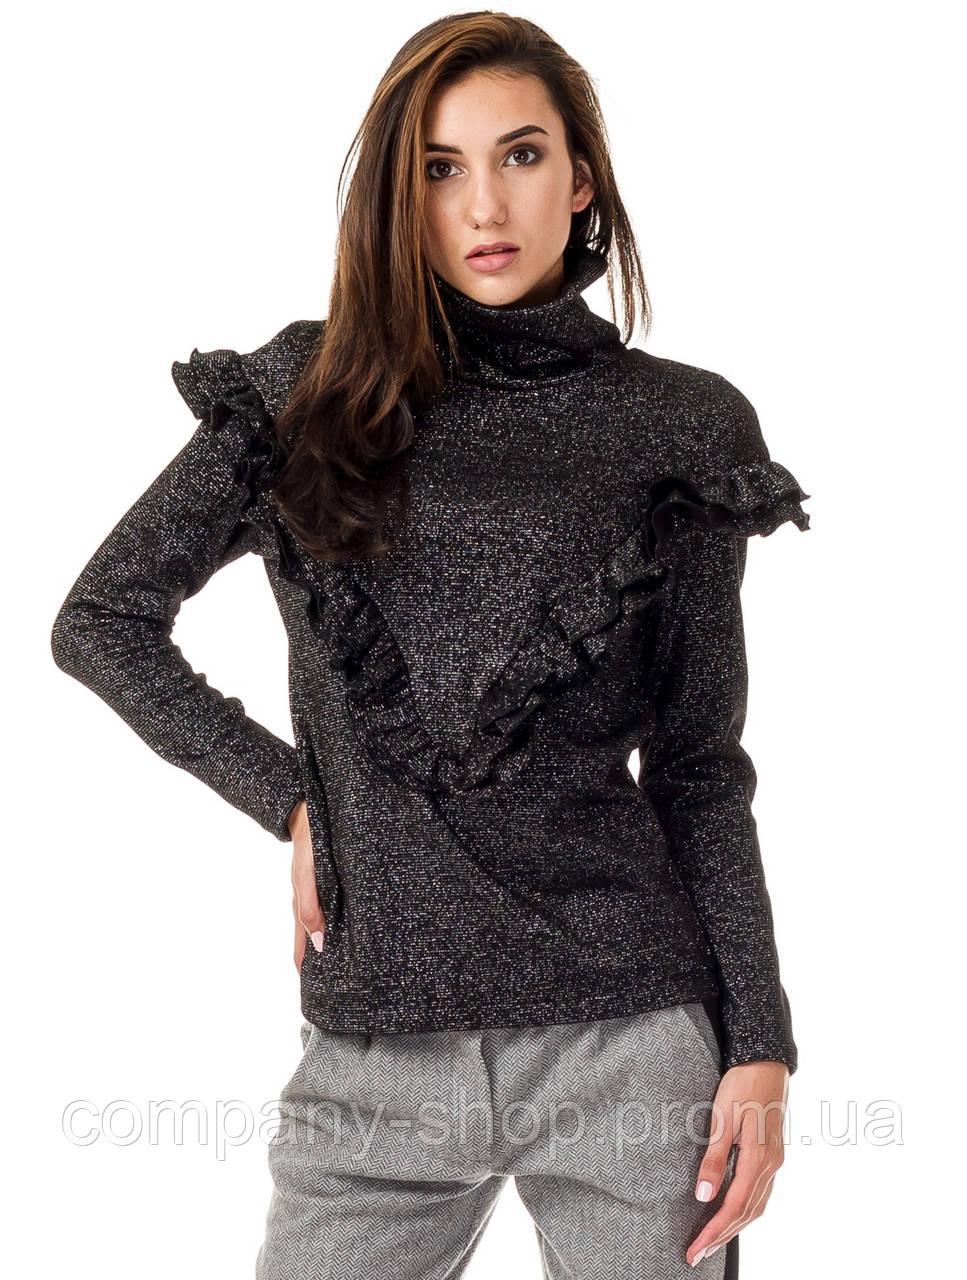 Женский джемпер с высоким воротником и рюшами. Модель К082_черный люреск.